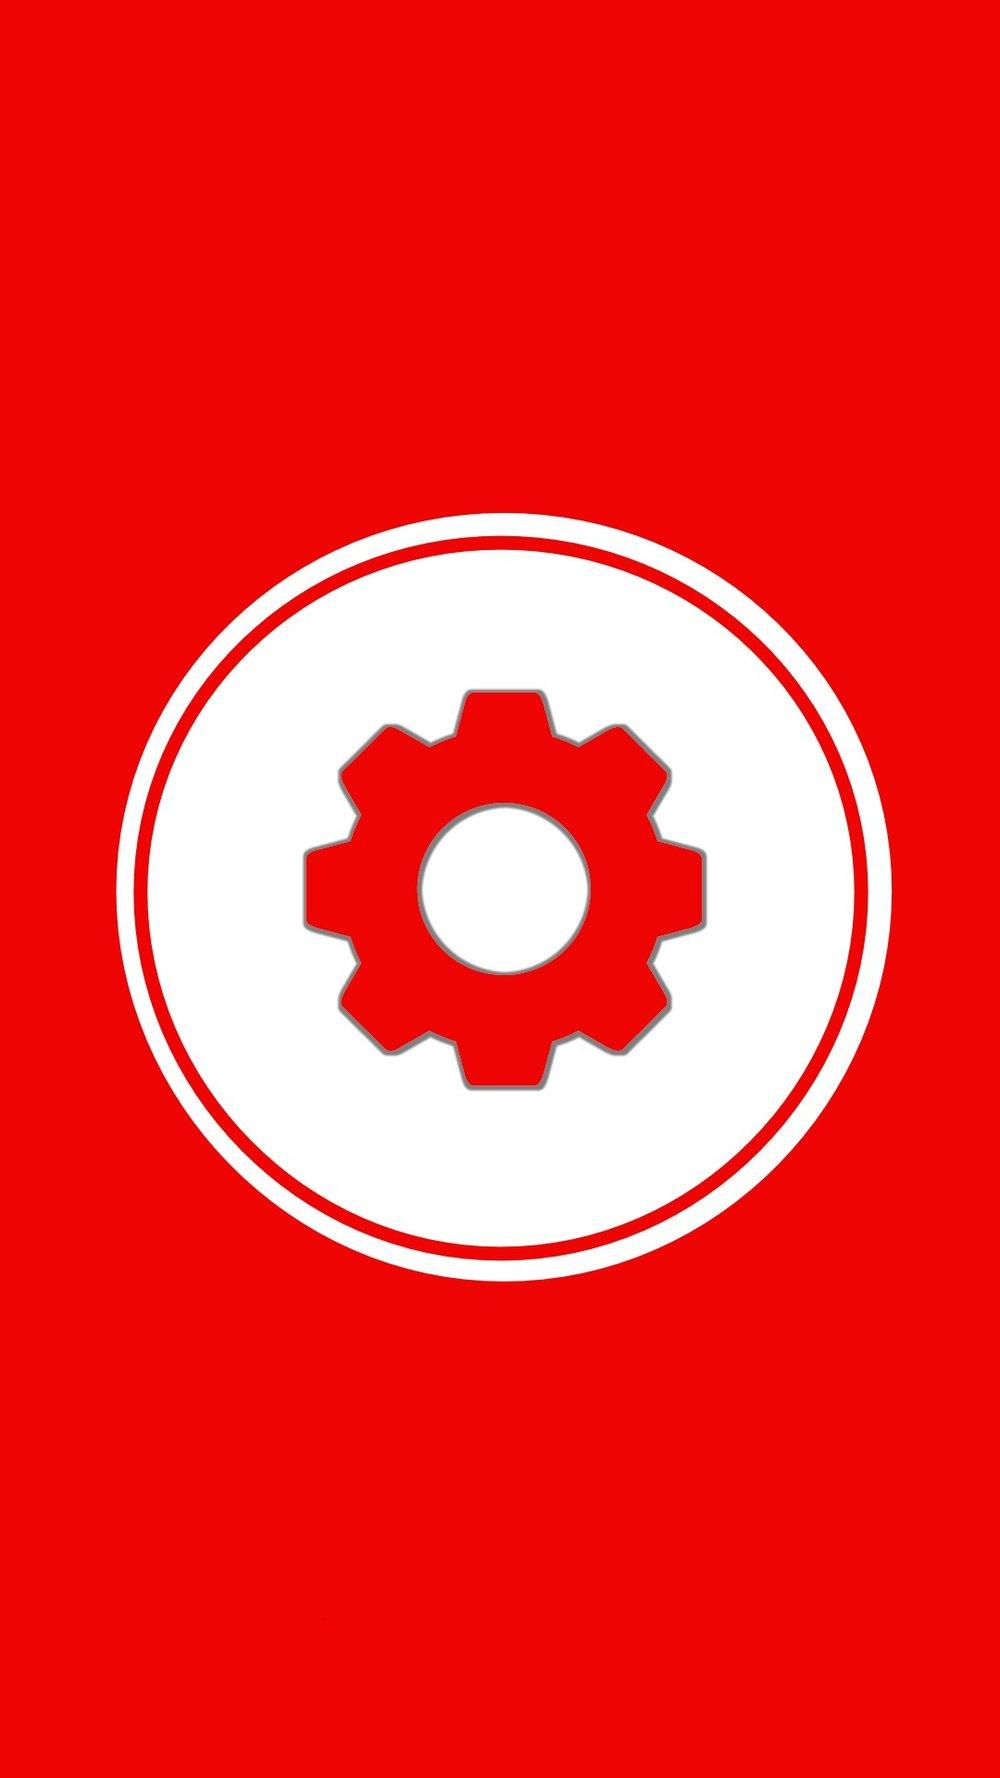 Instagram-cover-tool-red-lotnotes.com.jpg